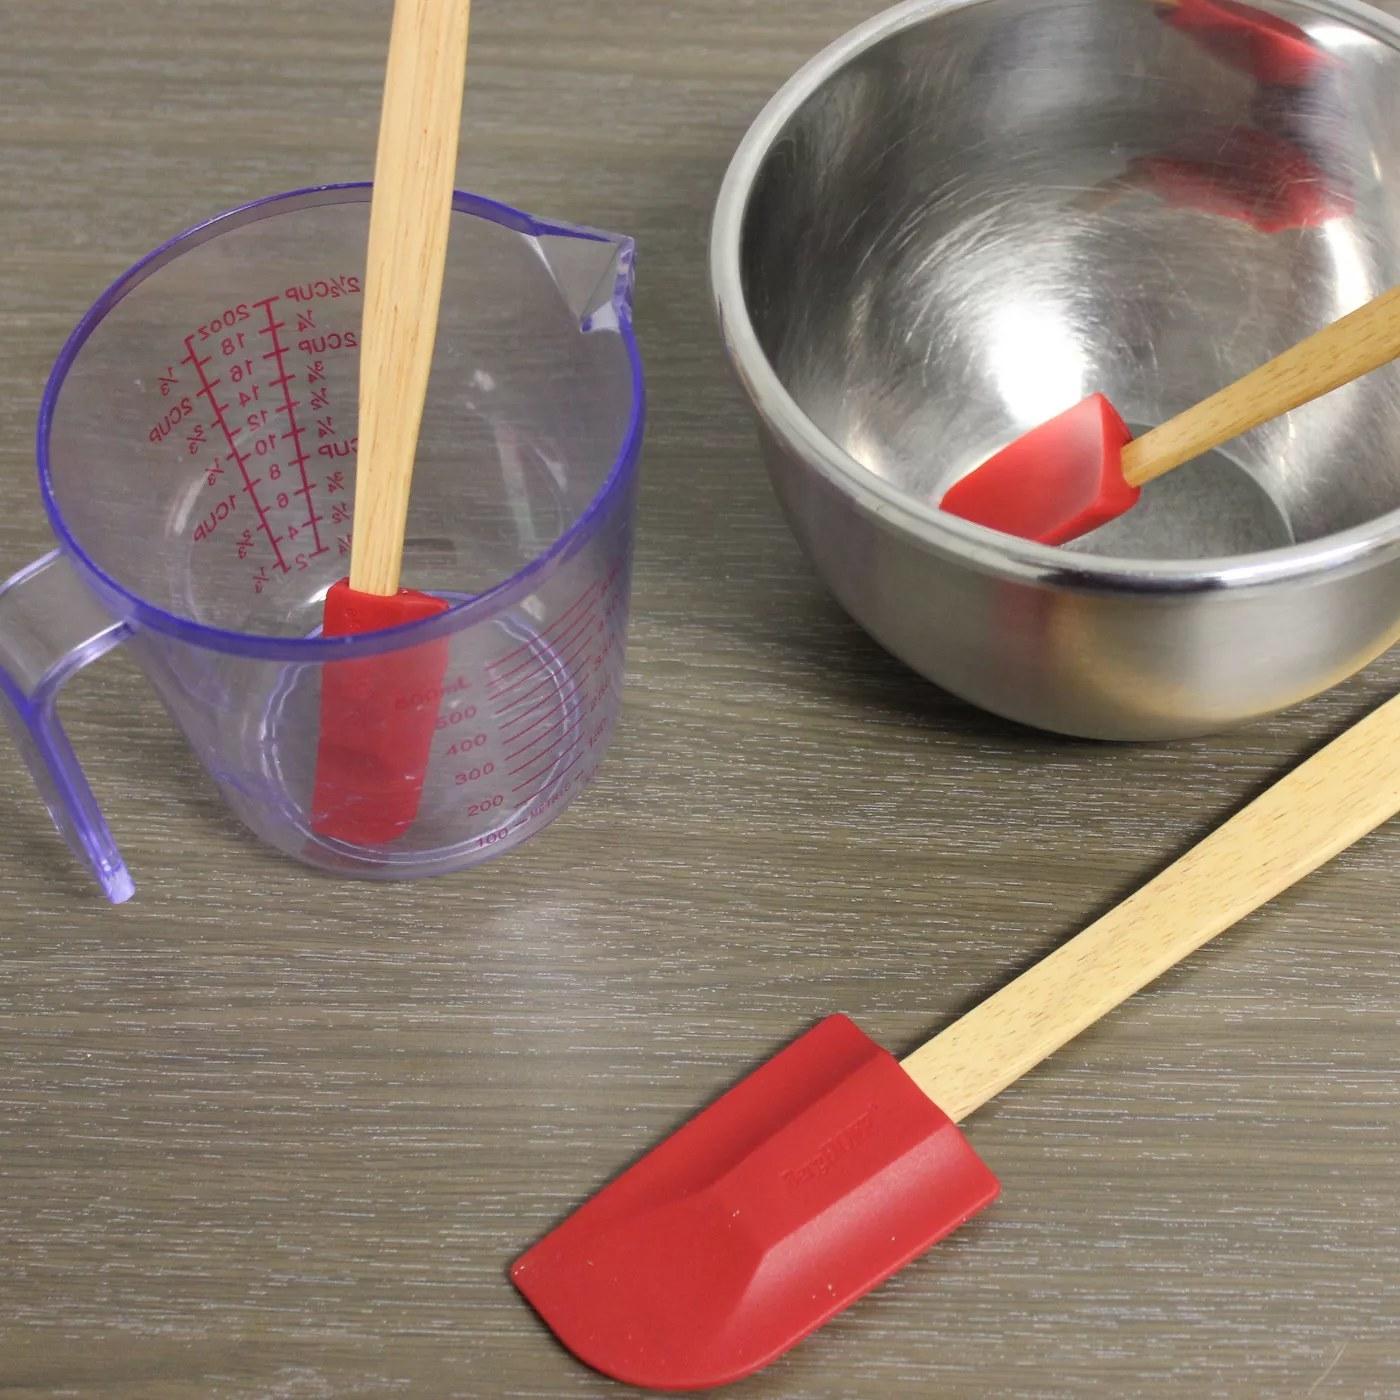 The red silicone spatulas